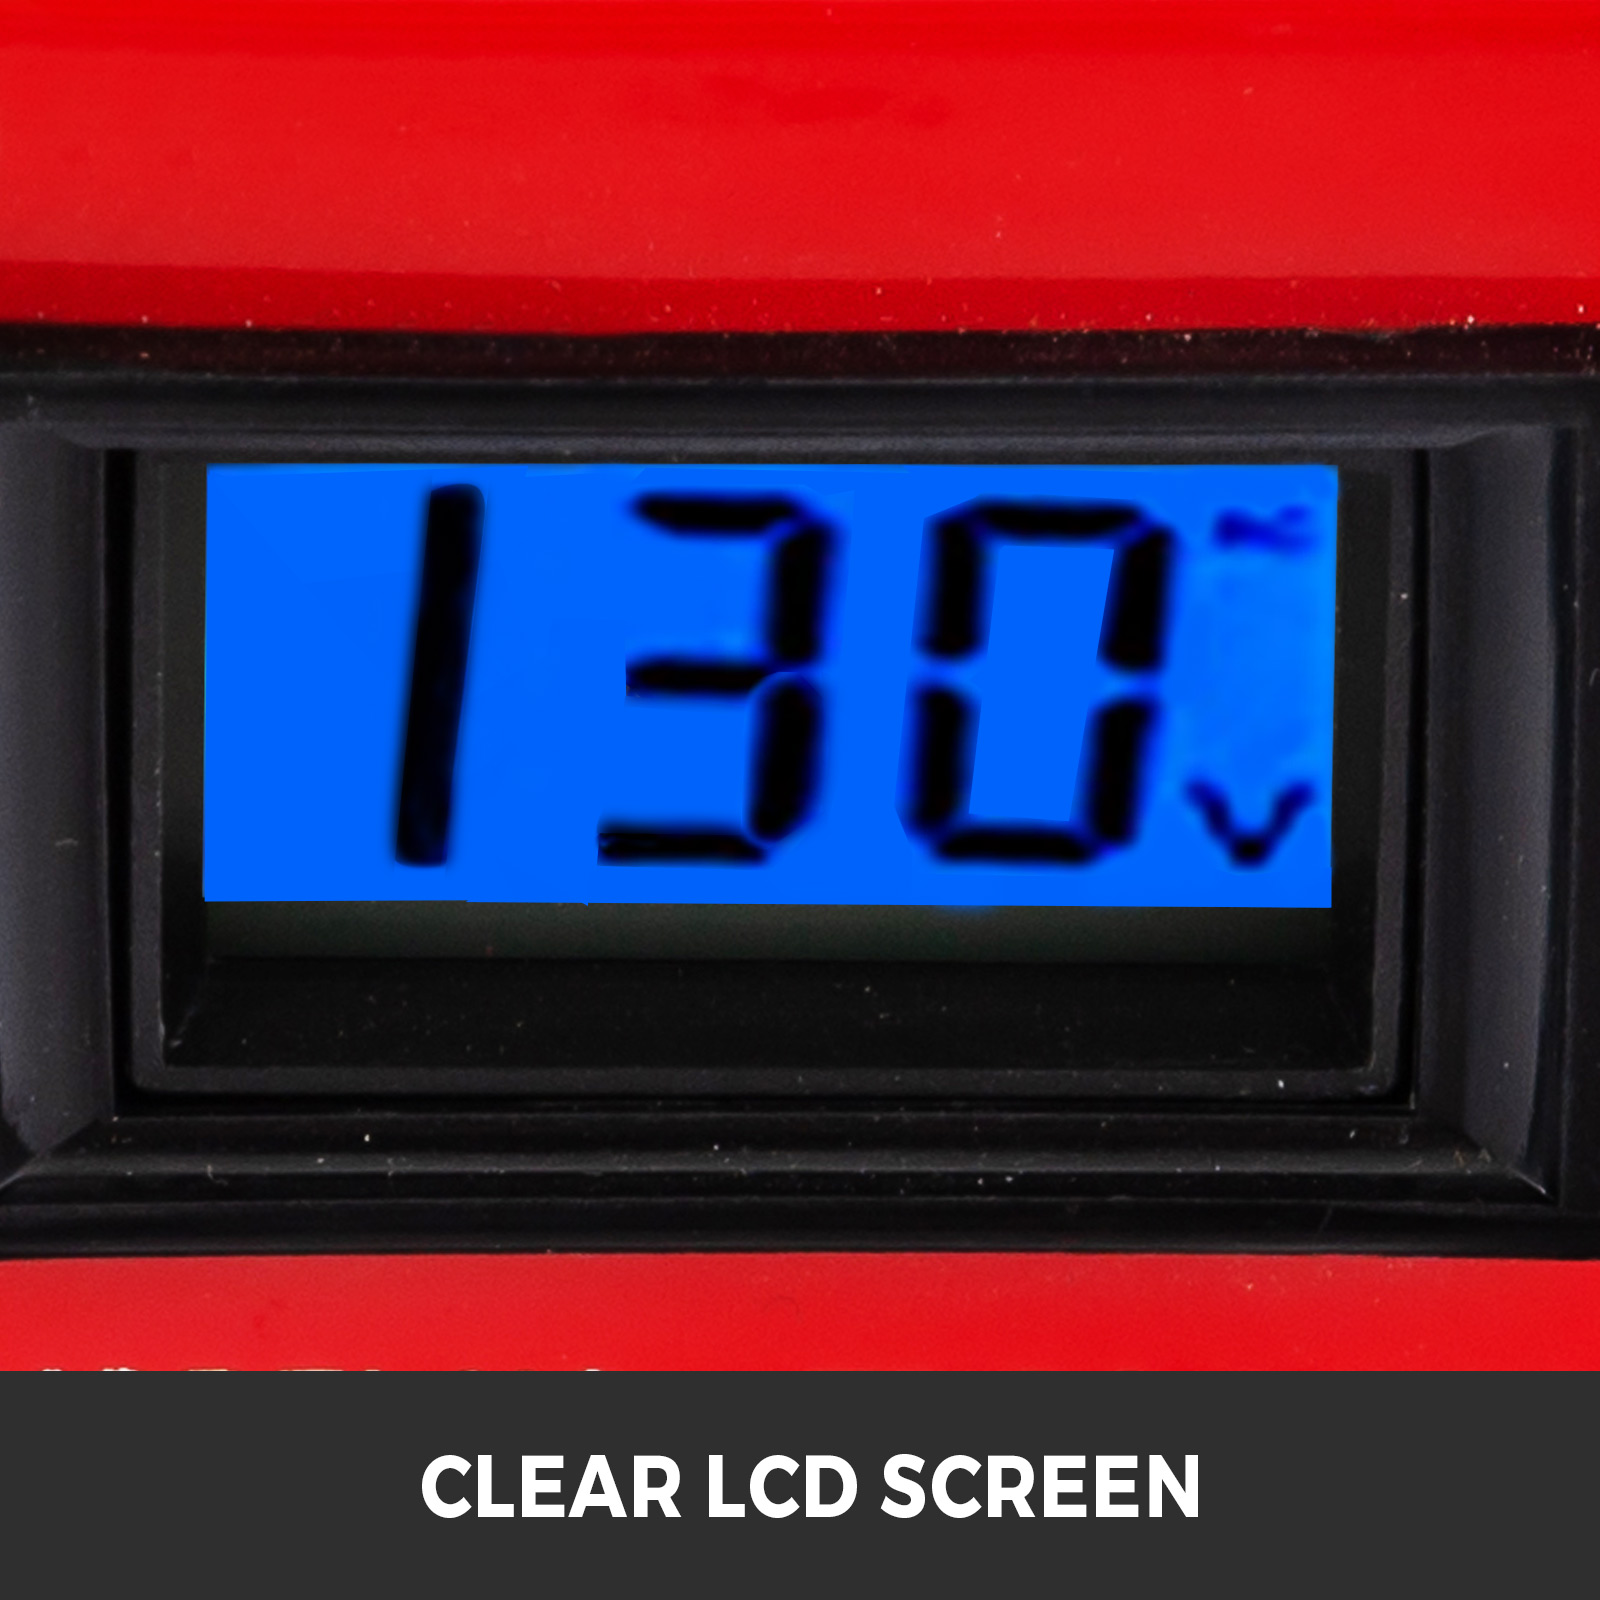 Variac-Variable-Transforme-0-5-1-2-3KVA-LCD-Single-Phase-Digital-Display-0-130V thumbnail 52